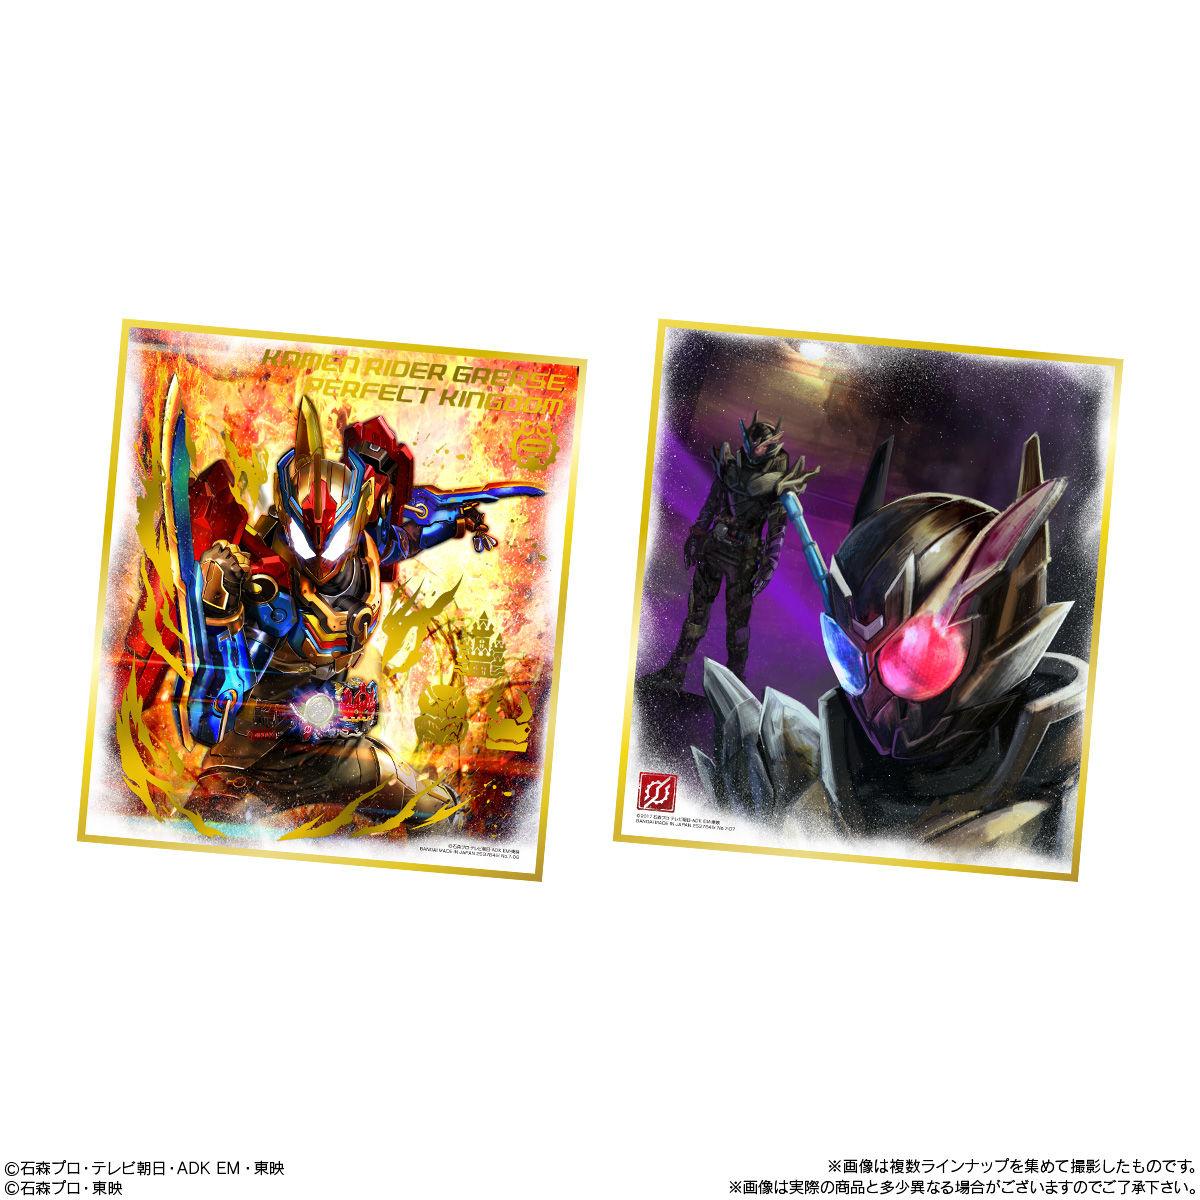 【食玩】『仮面ライダー 色紙ART7』10個入りBOX-004